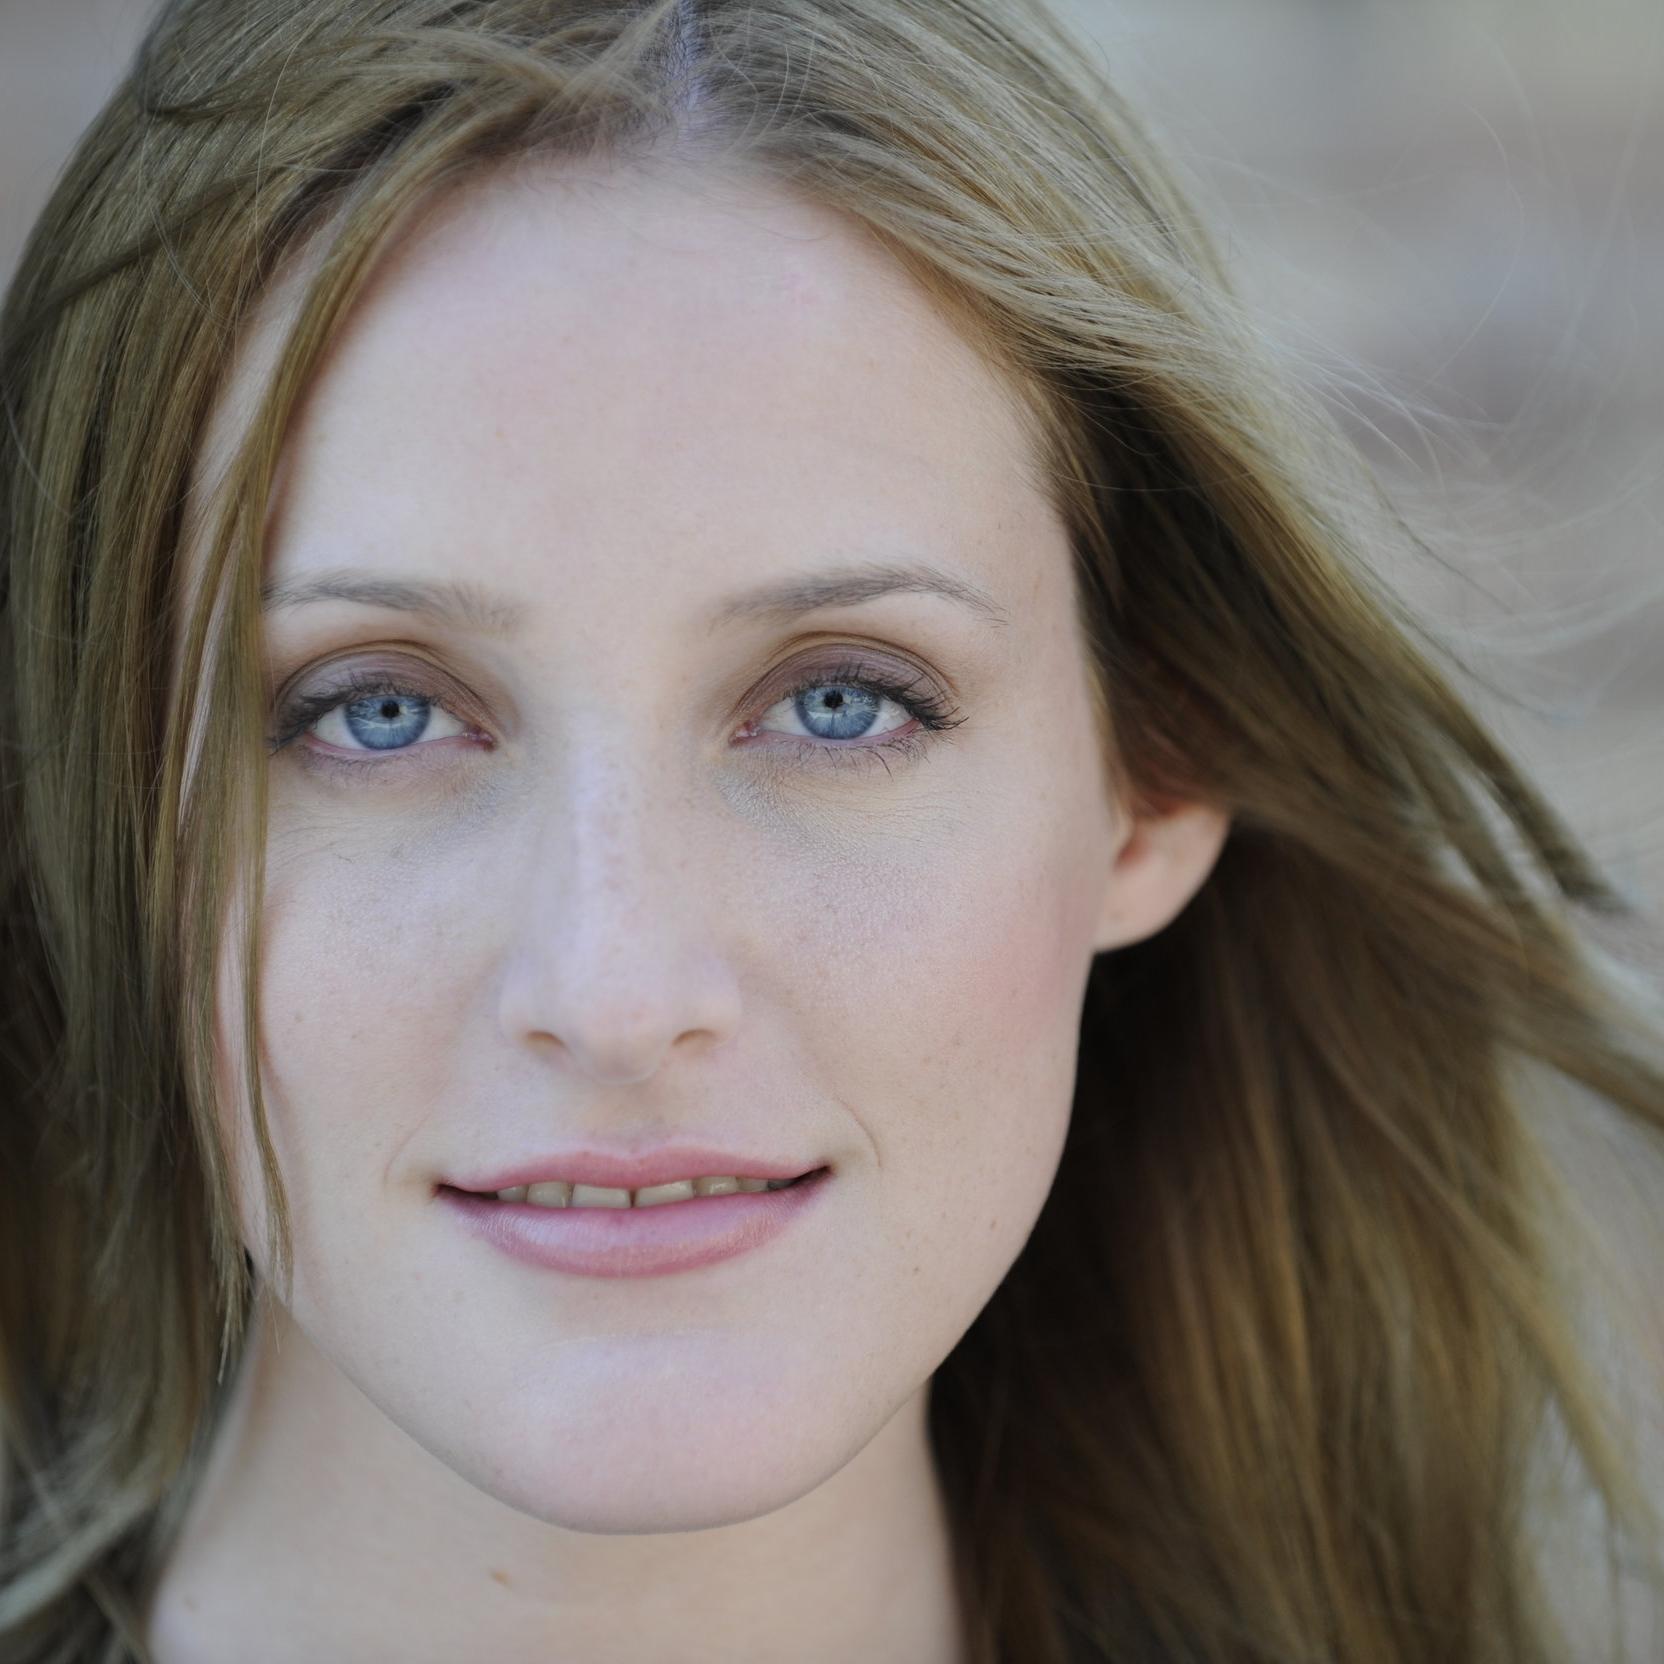 Danielle McKechnie / Jessie Mauro